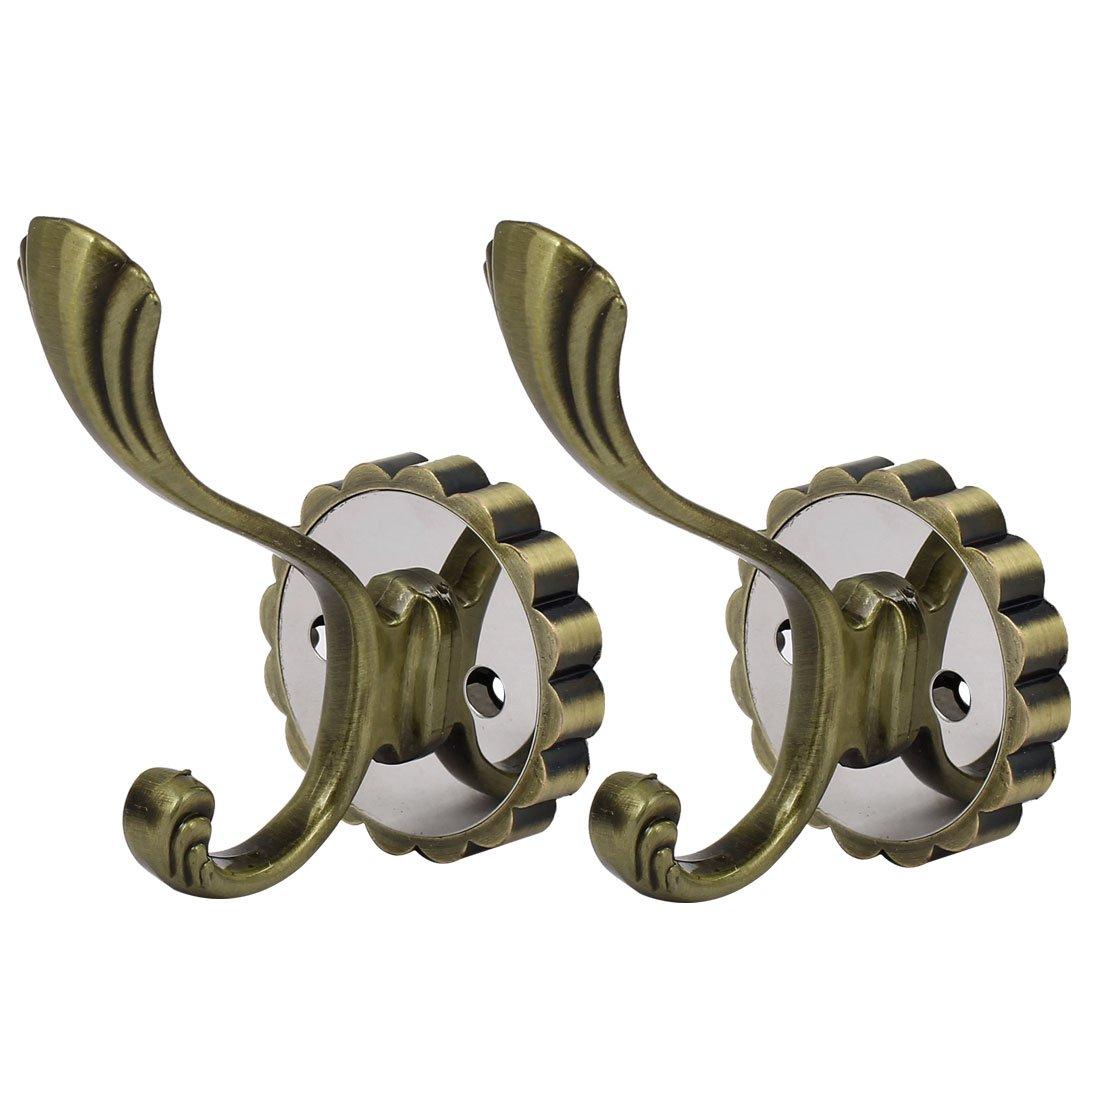 uxcell Coat Handbag Metal Flower Shape Base Wall Hanger Double Hook Bronze Tone 2pcs